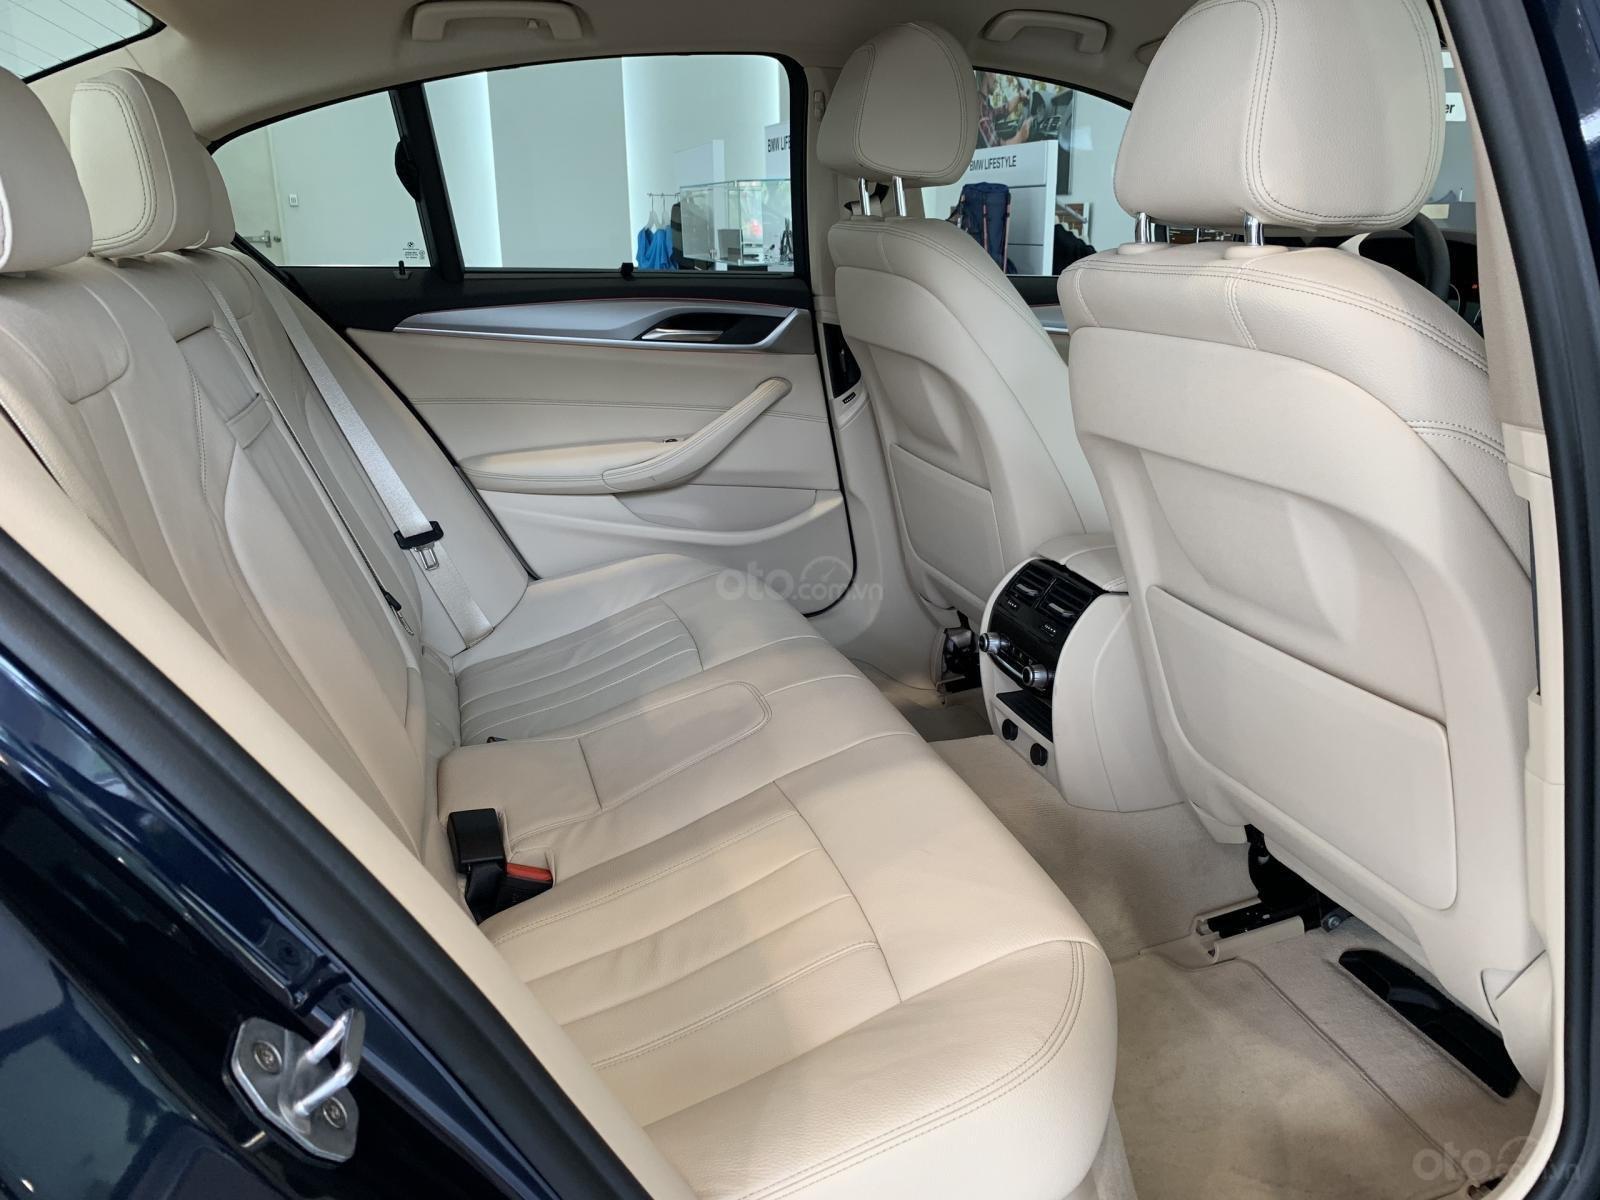 BMW 520i All new 2019 - Nhập khẩu chính hãng - Hỗ trợ vay trả góp, lãi suất ưu đãi-4